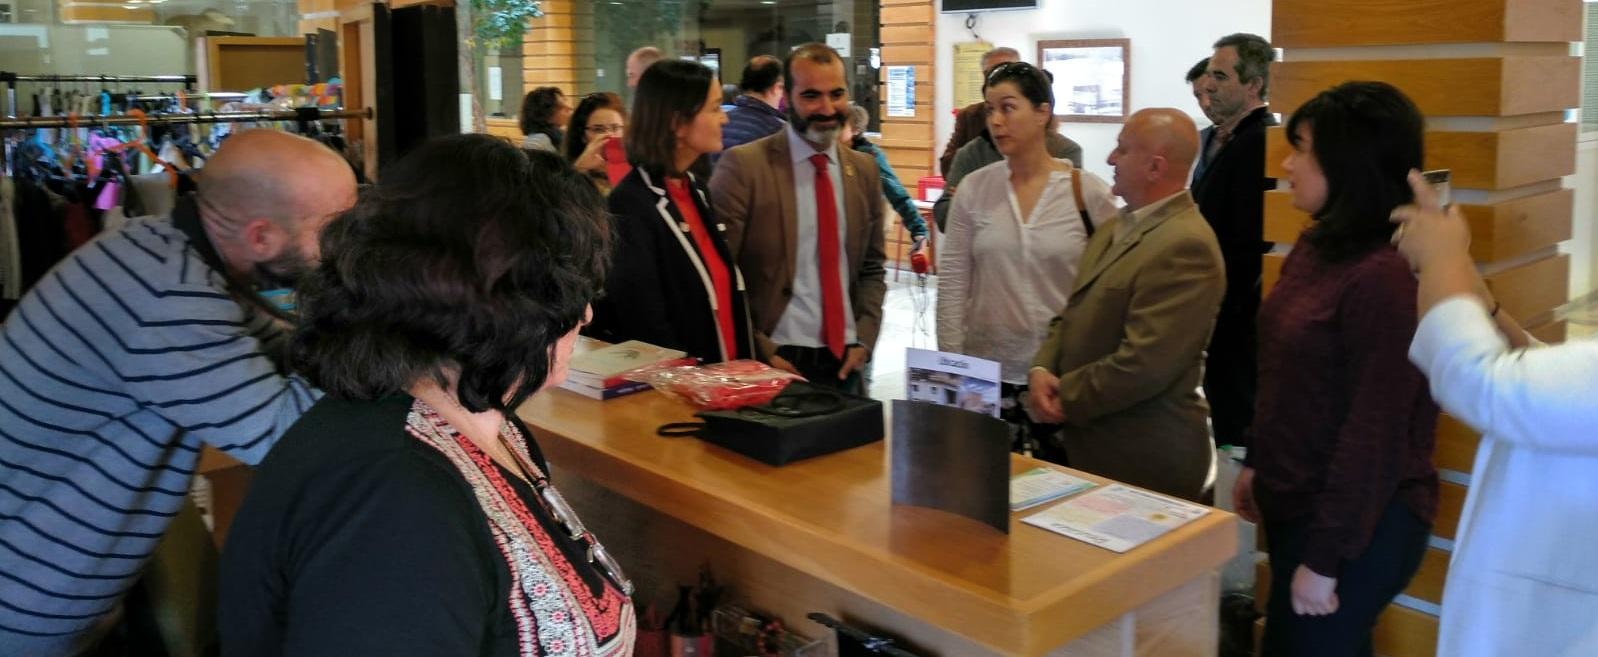 Javier (Alcalde), Blanca (Concejala de Medio Ambiente), Jesús (Concejal de Desarrollo Local), Laura y Mariajo (Cooperativa Los Mochuelos) explicando a la Ministra el proyecto de Reutiliza y como ha mejorado su municipio.